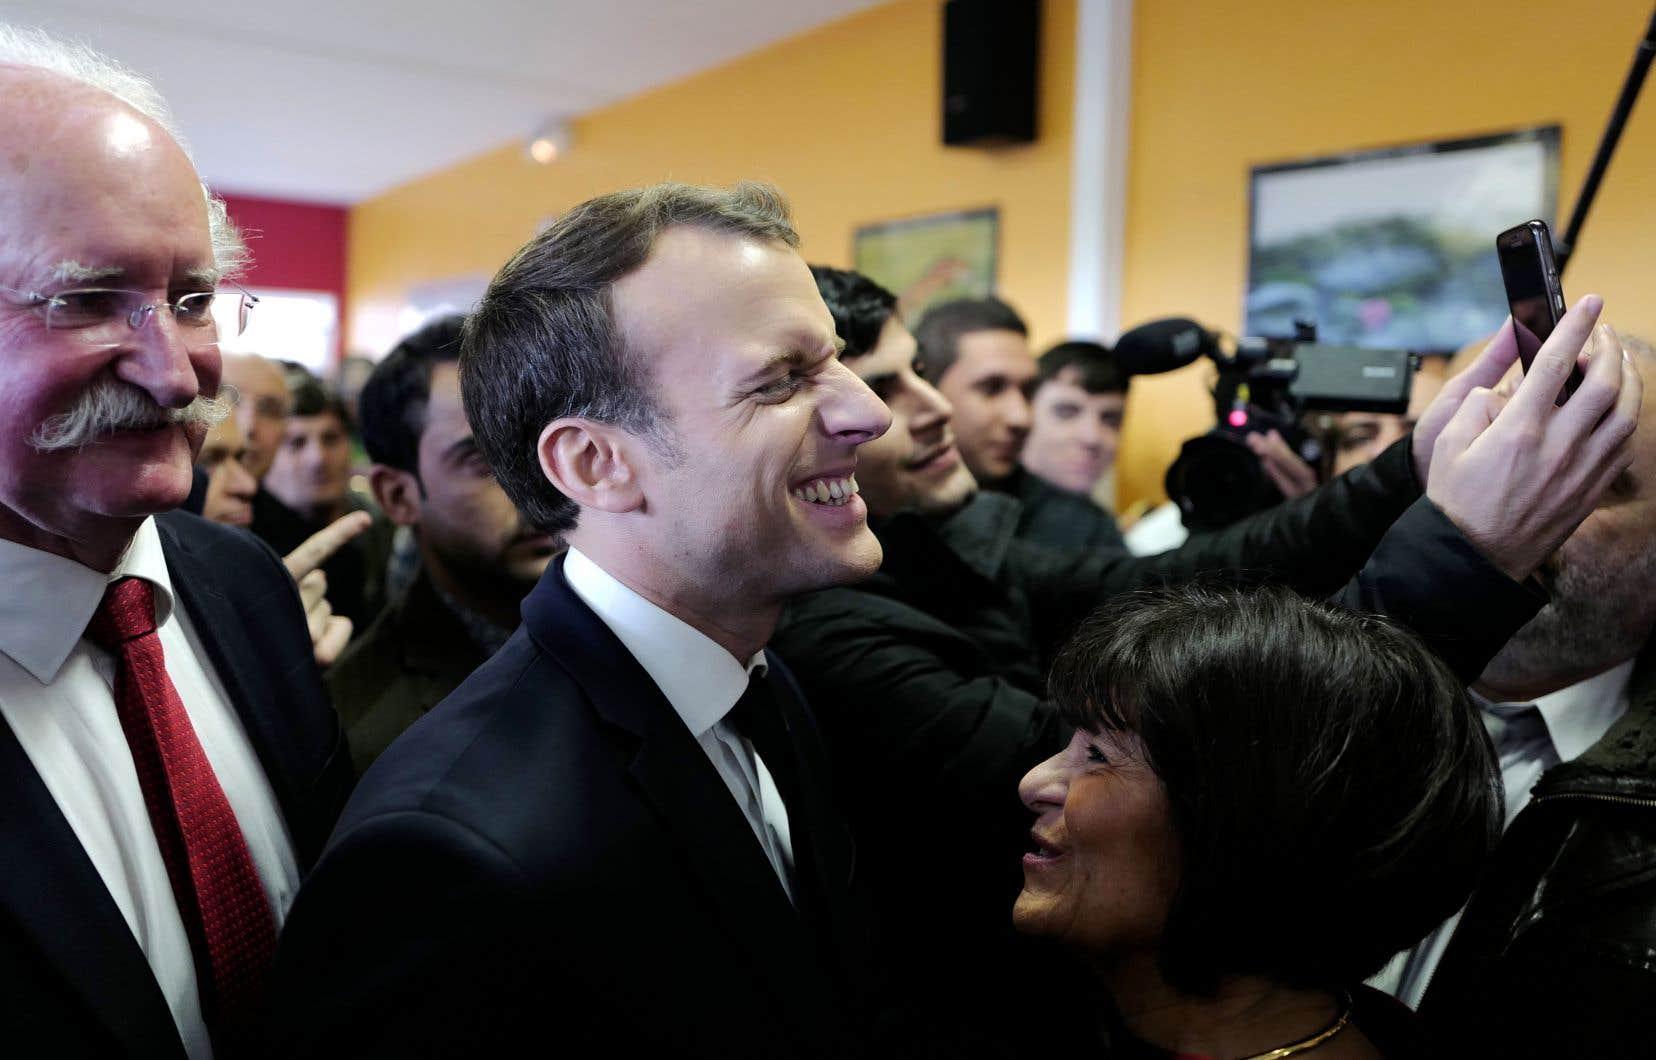 Mardi, Emmanuel Macron a visité un centre d'hébergement pour migrants à Croisilles, dans le Pas-de-Calais, où il a rencontré des résidents et des bénévoles. Le président devra bientôt défendre sa future loi sur l'immigration, qui pourrait être déposée en avril.